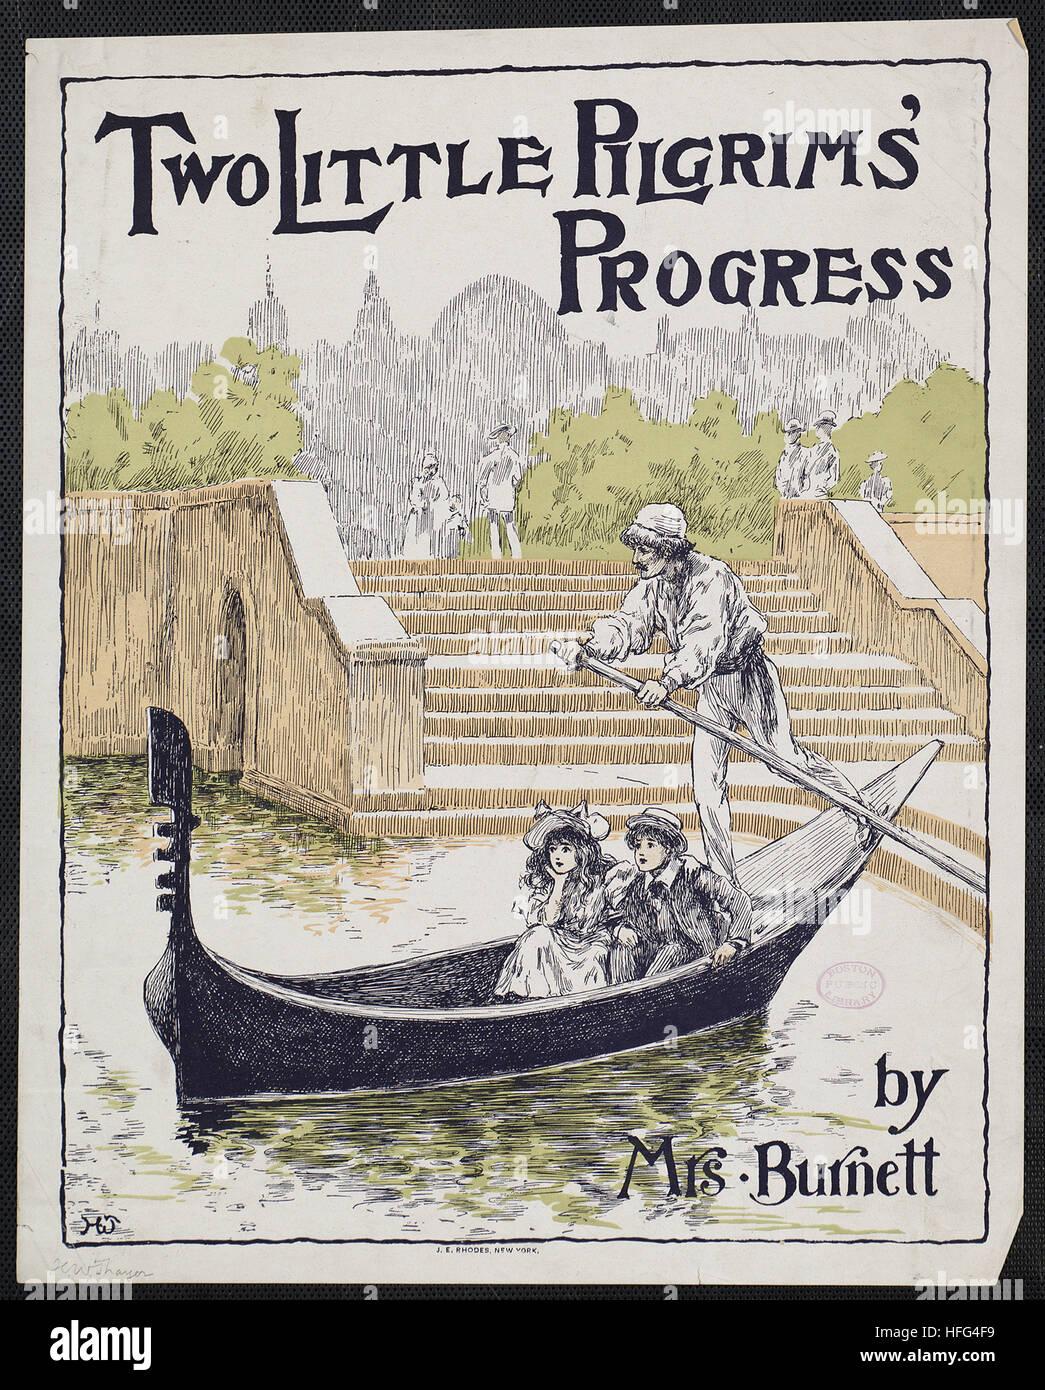 Two little pilgrims' progress by Mrs. Burnett - Stock Image